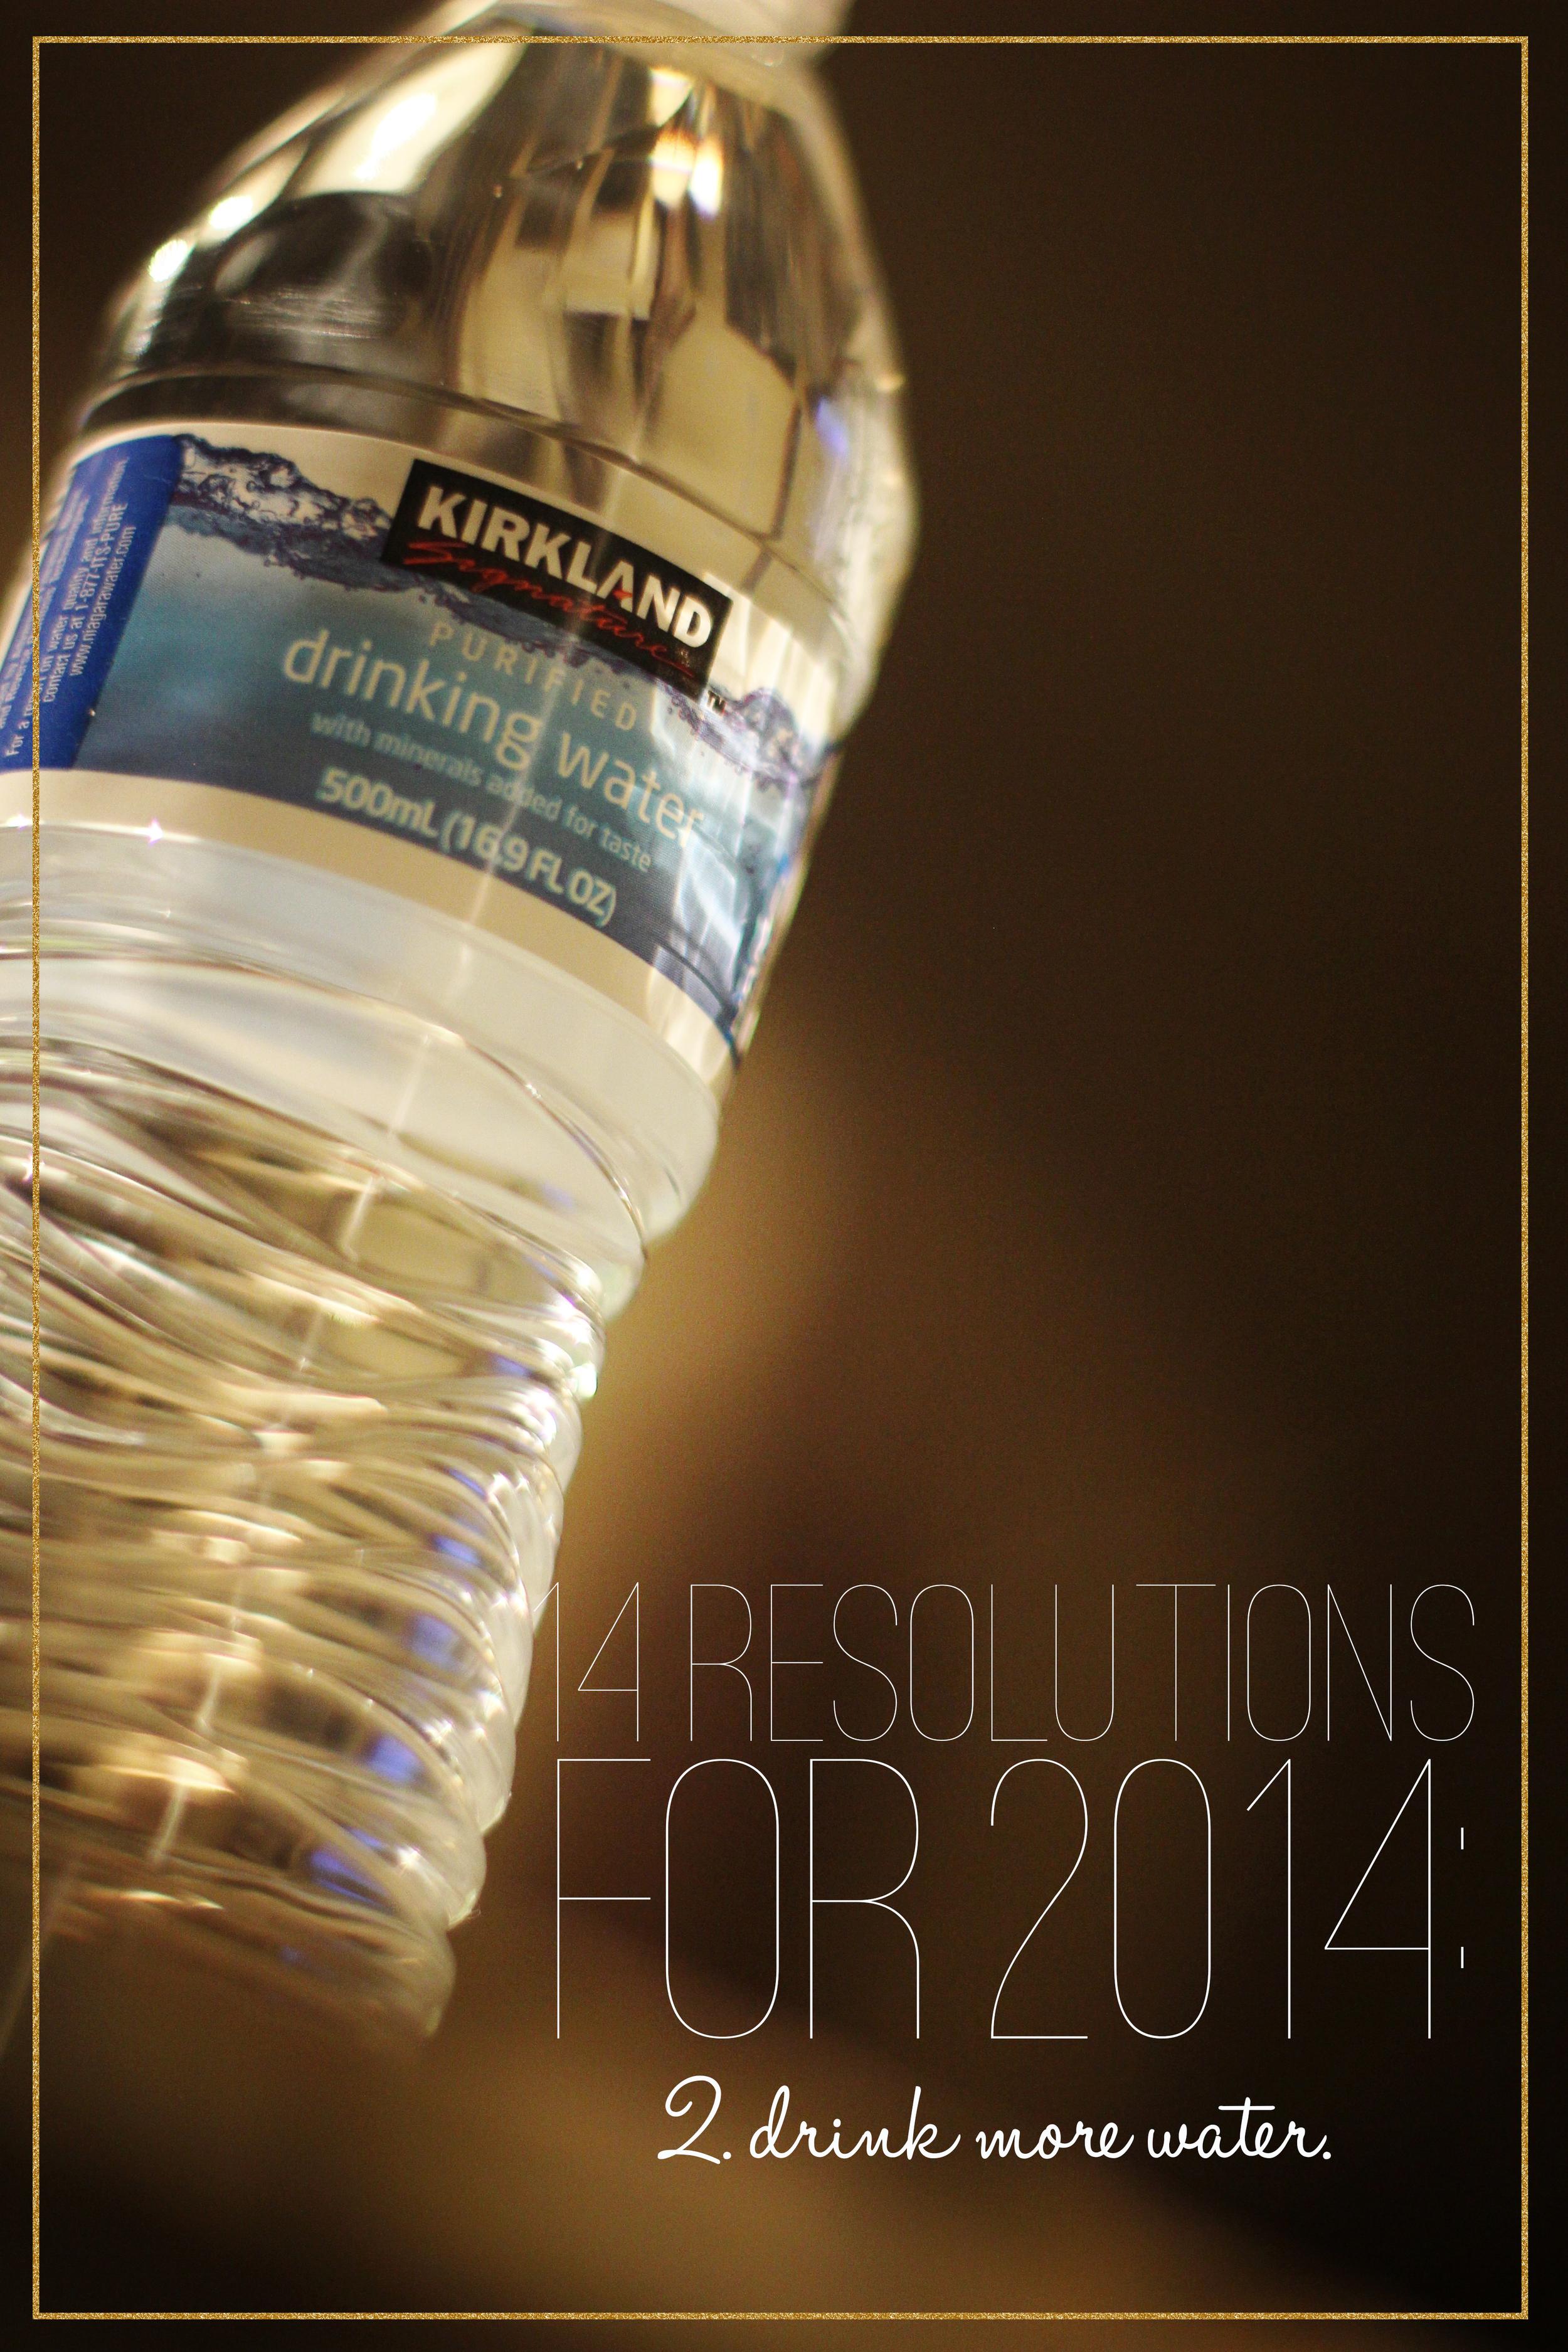 drinkmorewater.jpg